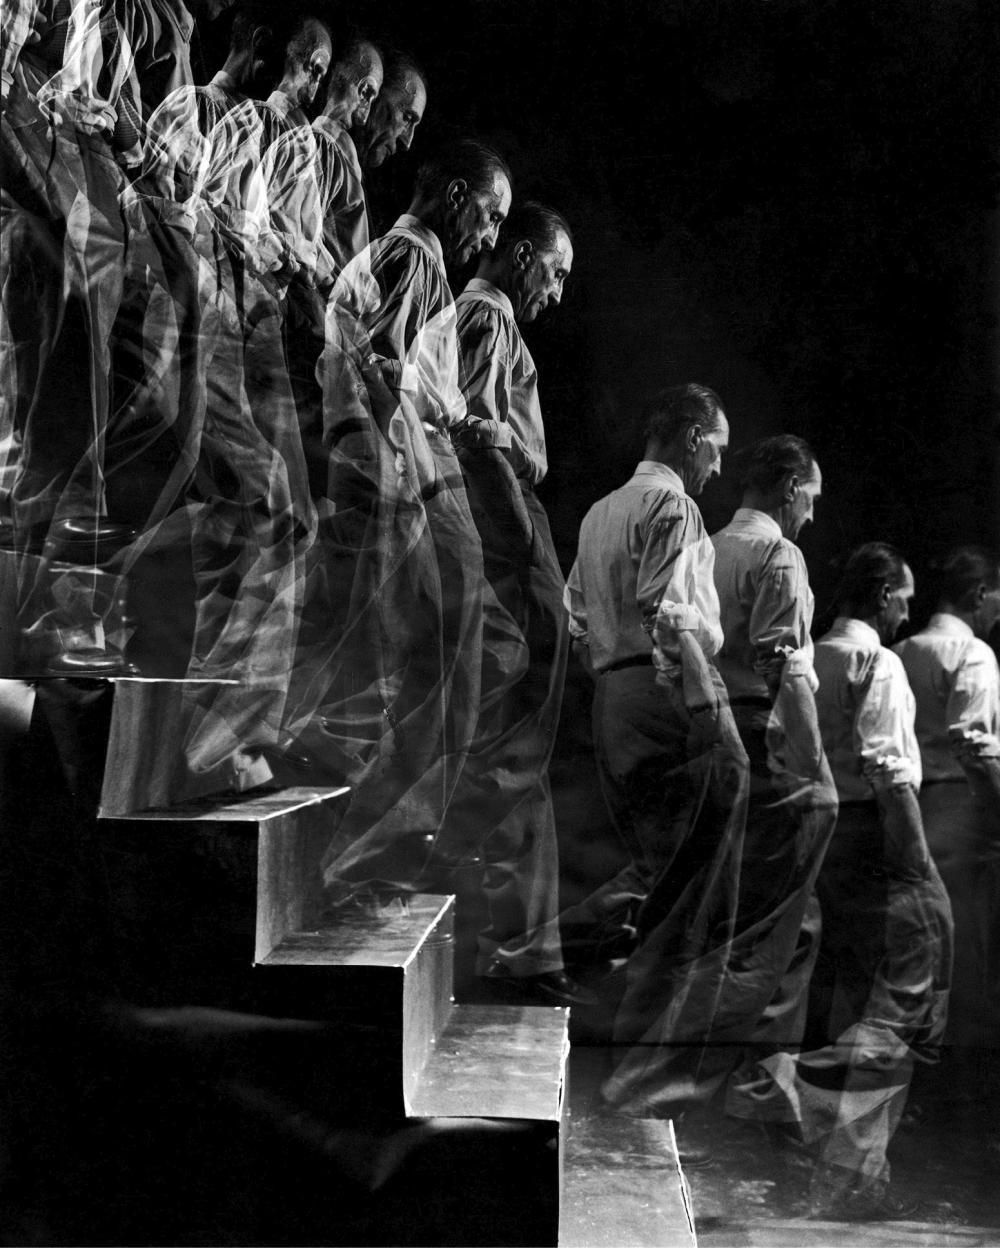 Eliot ELISOFON (1911-1973) Marcel Duchamp descend un escalier dans une mult